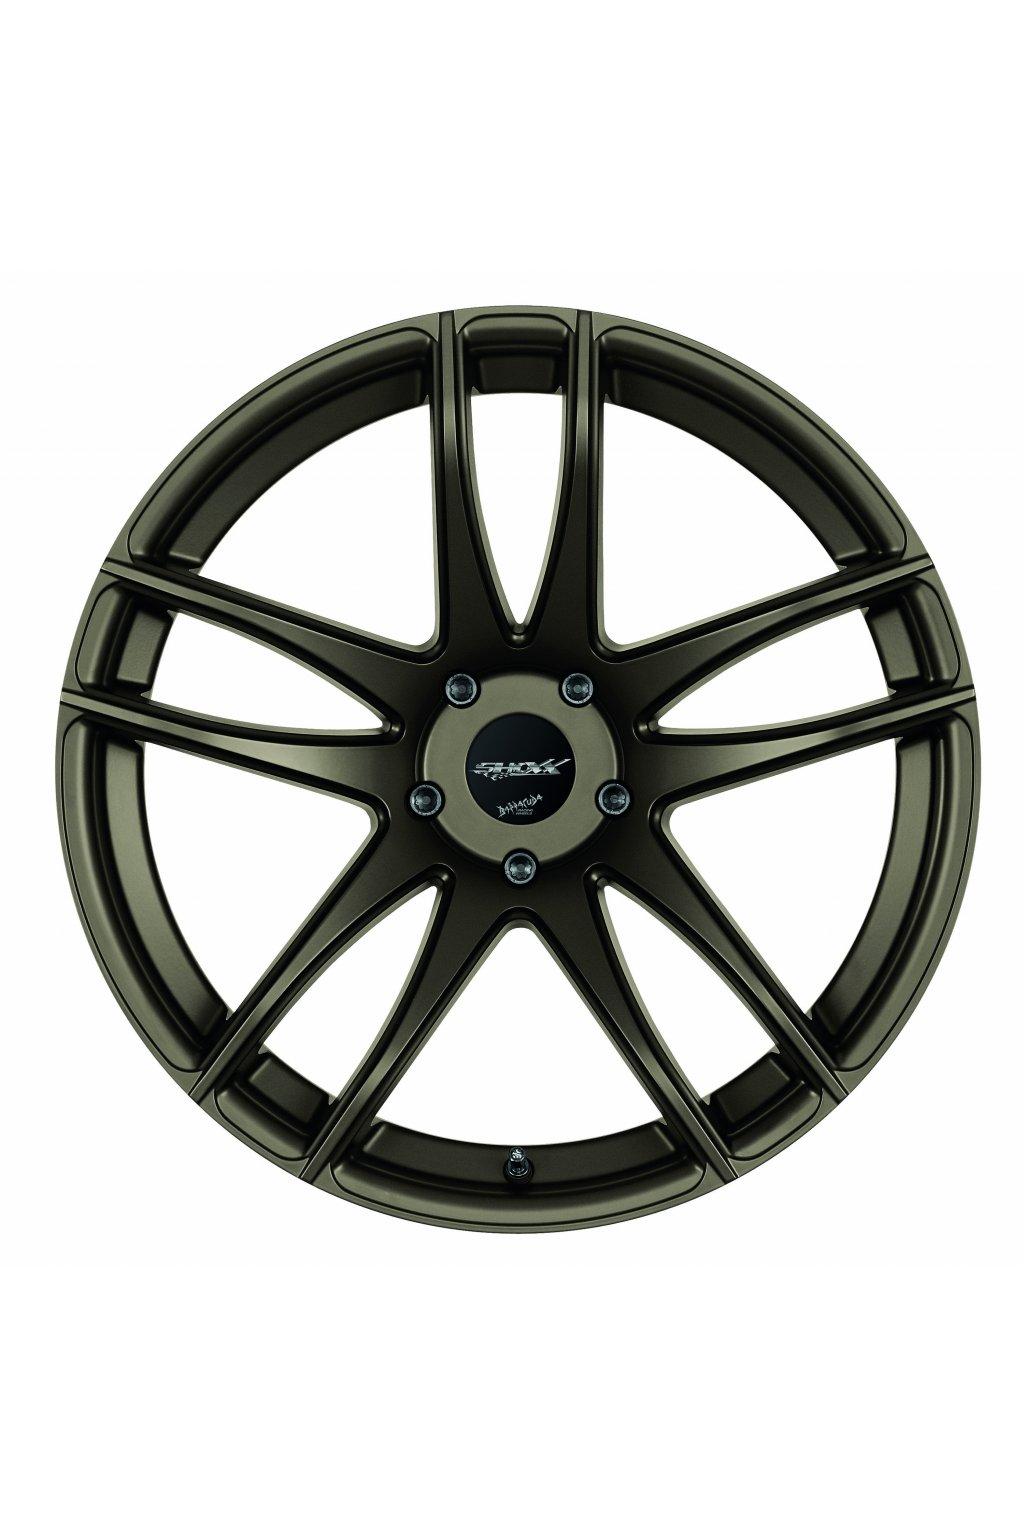 Disk BARRACUDA Shoxx 7.5x17 / 4x108 nur Motorsport/ohne Strassenzulassung